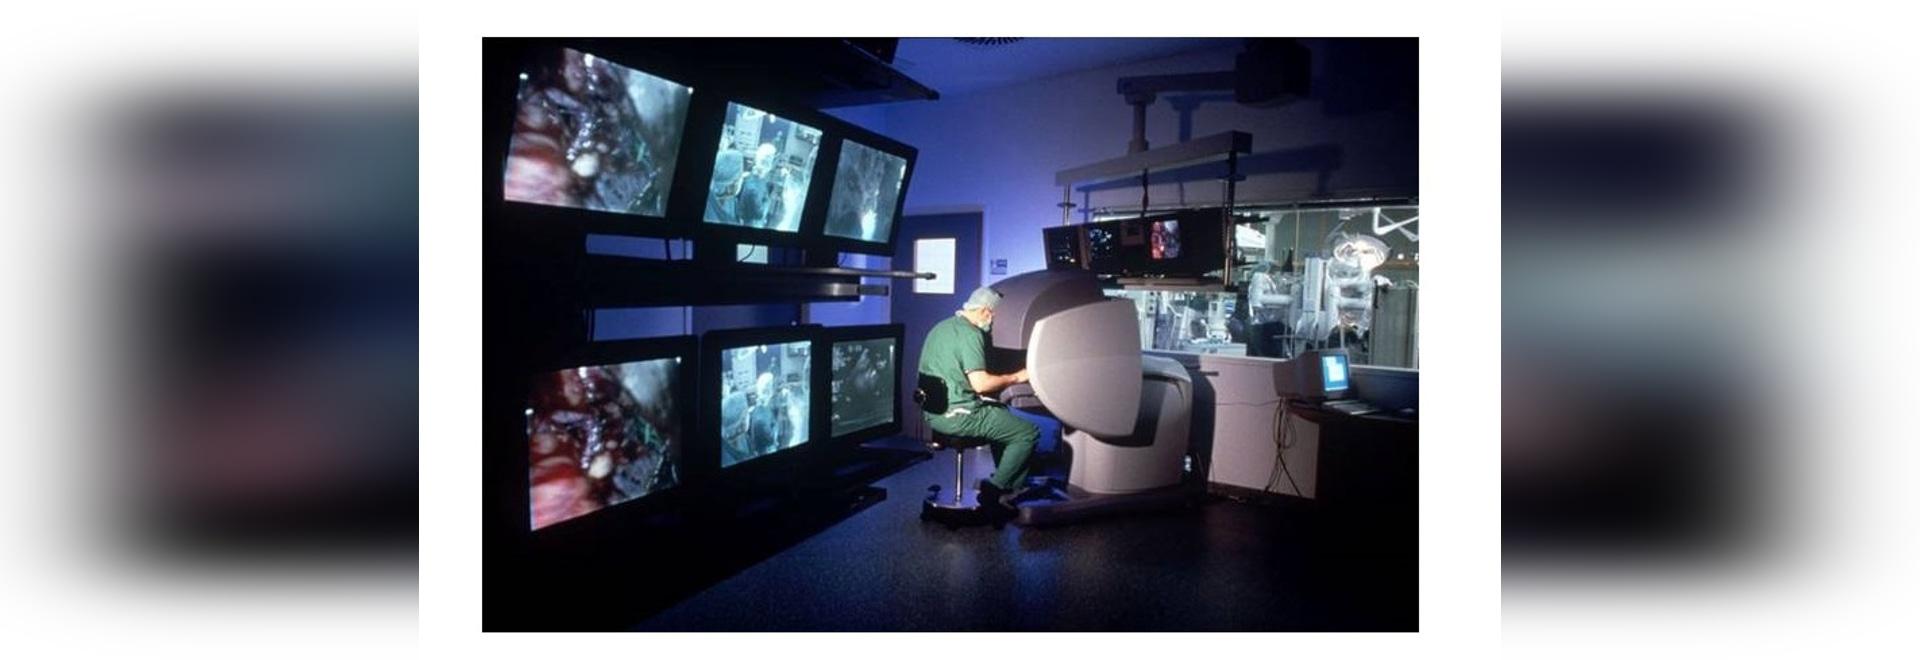 La réalité virtuelle permet une vision interne en temps réel de l'anatomie du patient pendant le traitement